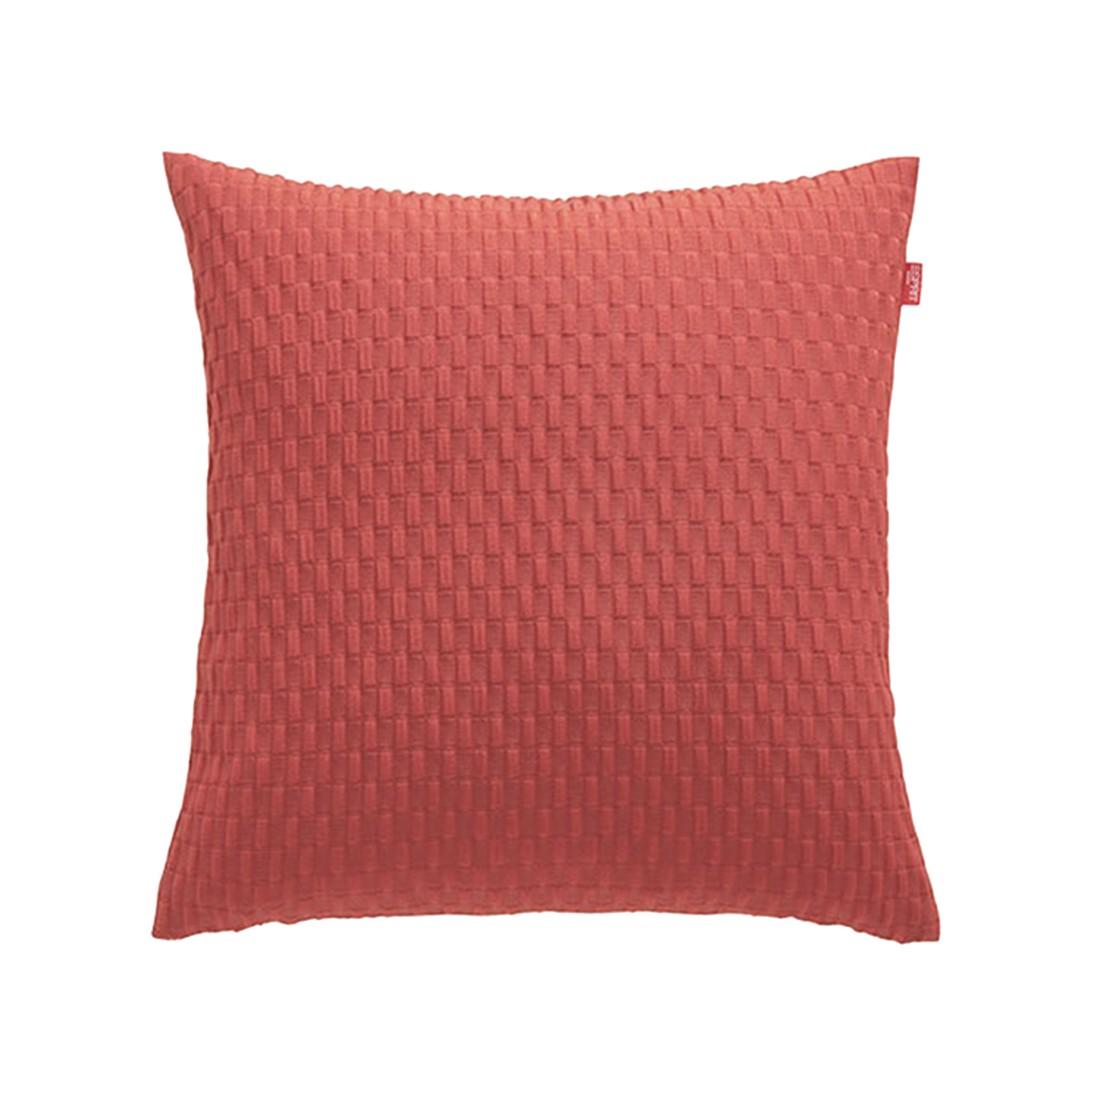 Kissenhülle E-Beat – Lachs – Größe: 50 x 50 cm, Esprit Home kaufen